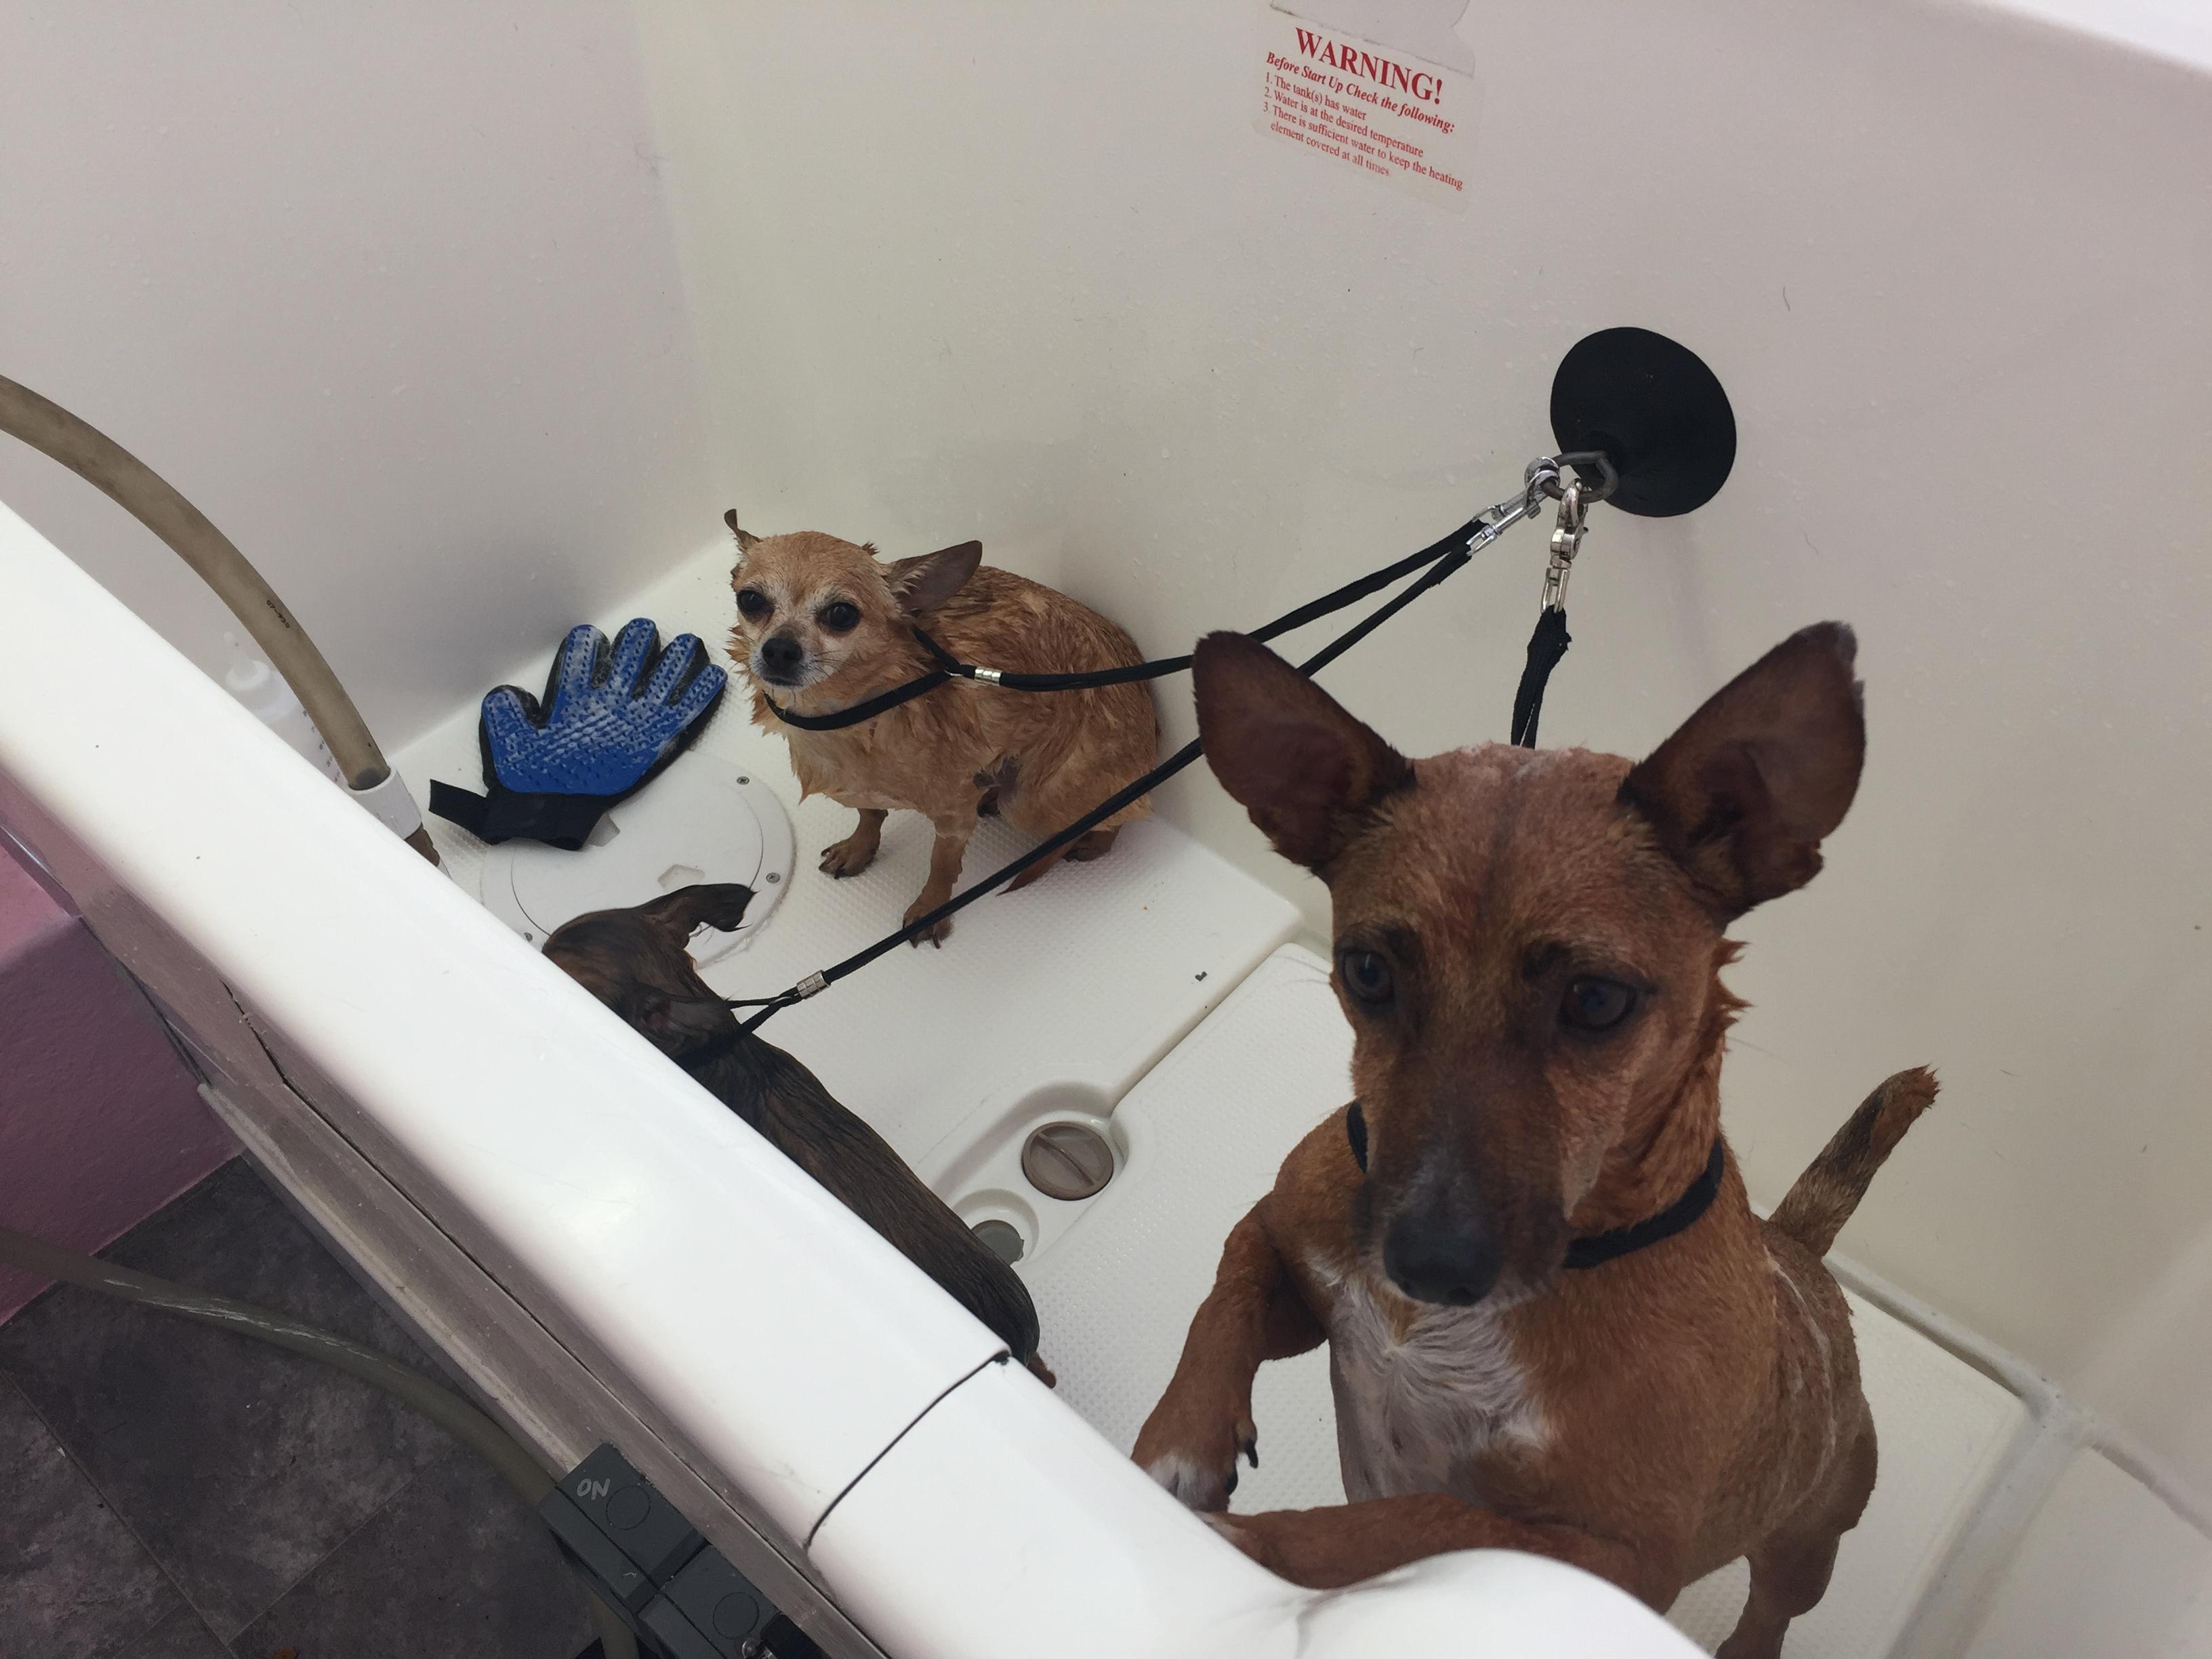 Dog wash time!